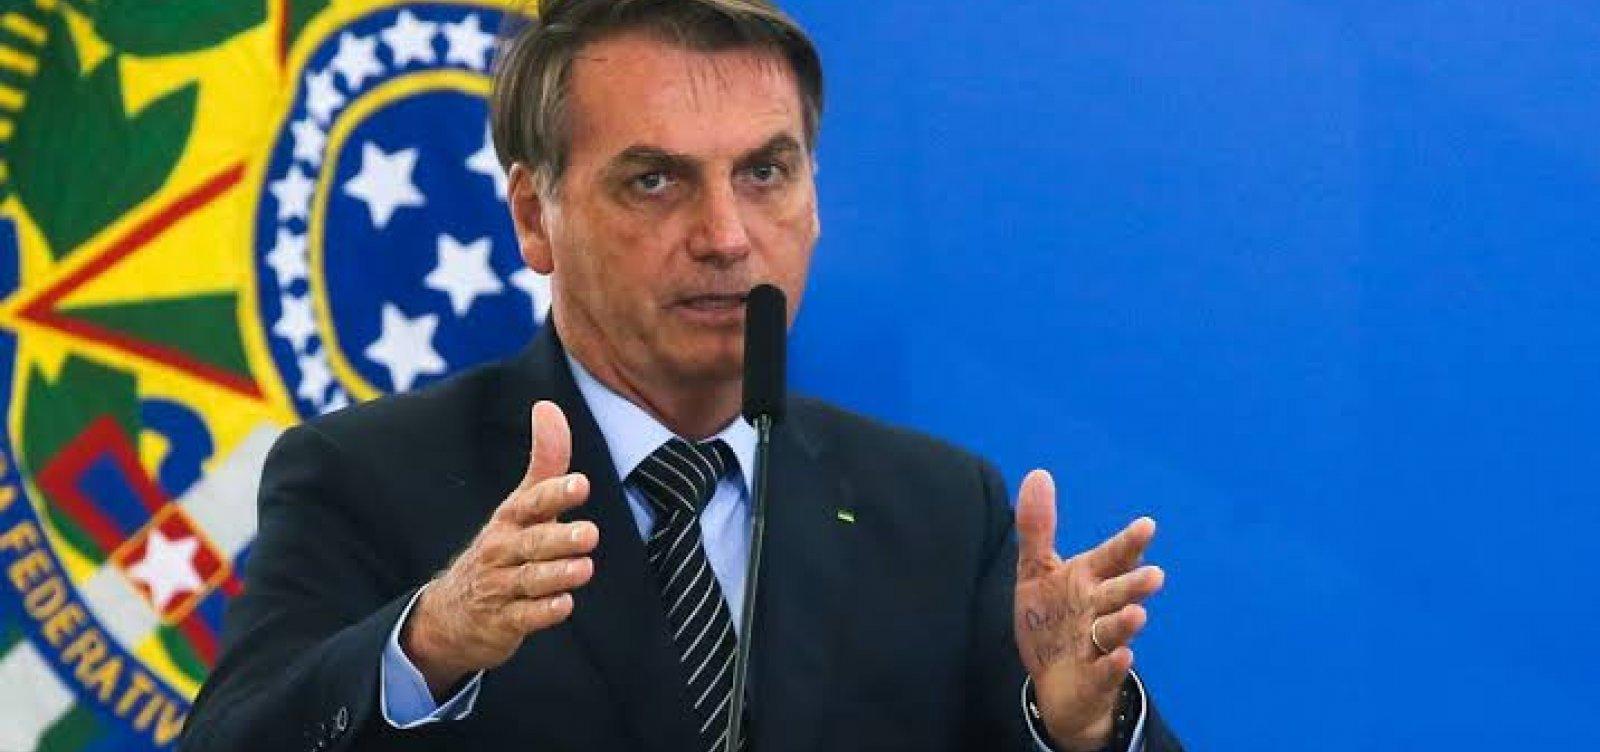 ['Pergunta para o vírus', diz Bolsonaro sobre possibilidade de prorrogar auxílio emergencial]